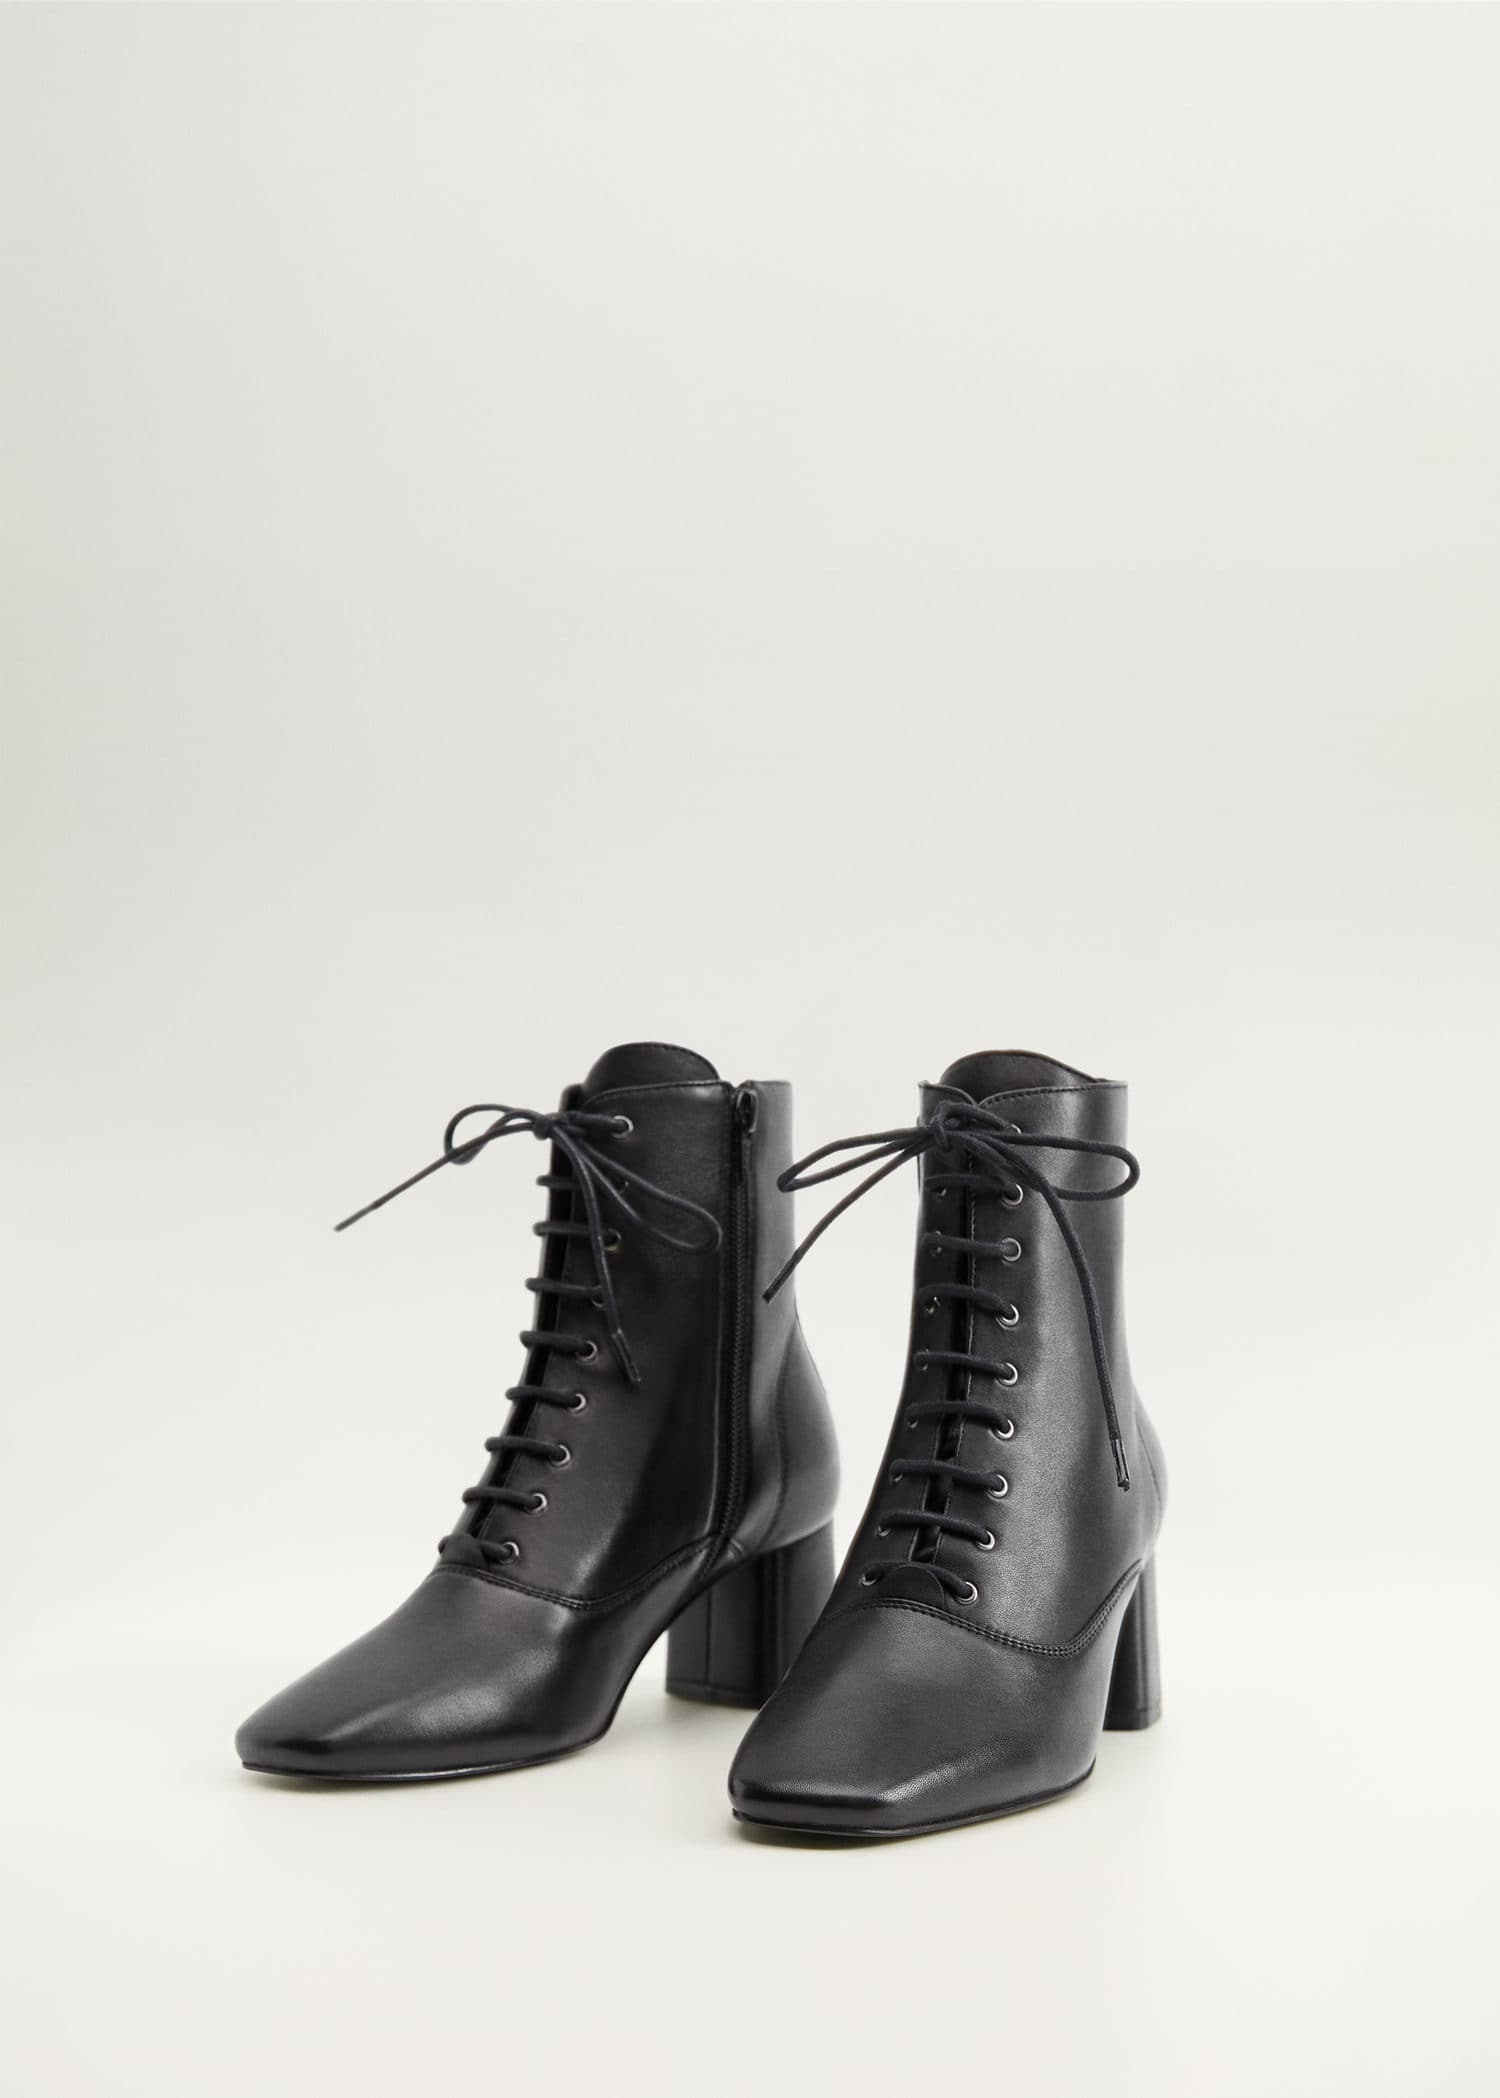 Damen Schuhe Stiefeletten Cowboystiefel Stiefel Braun